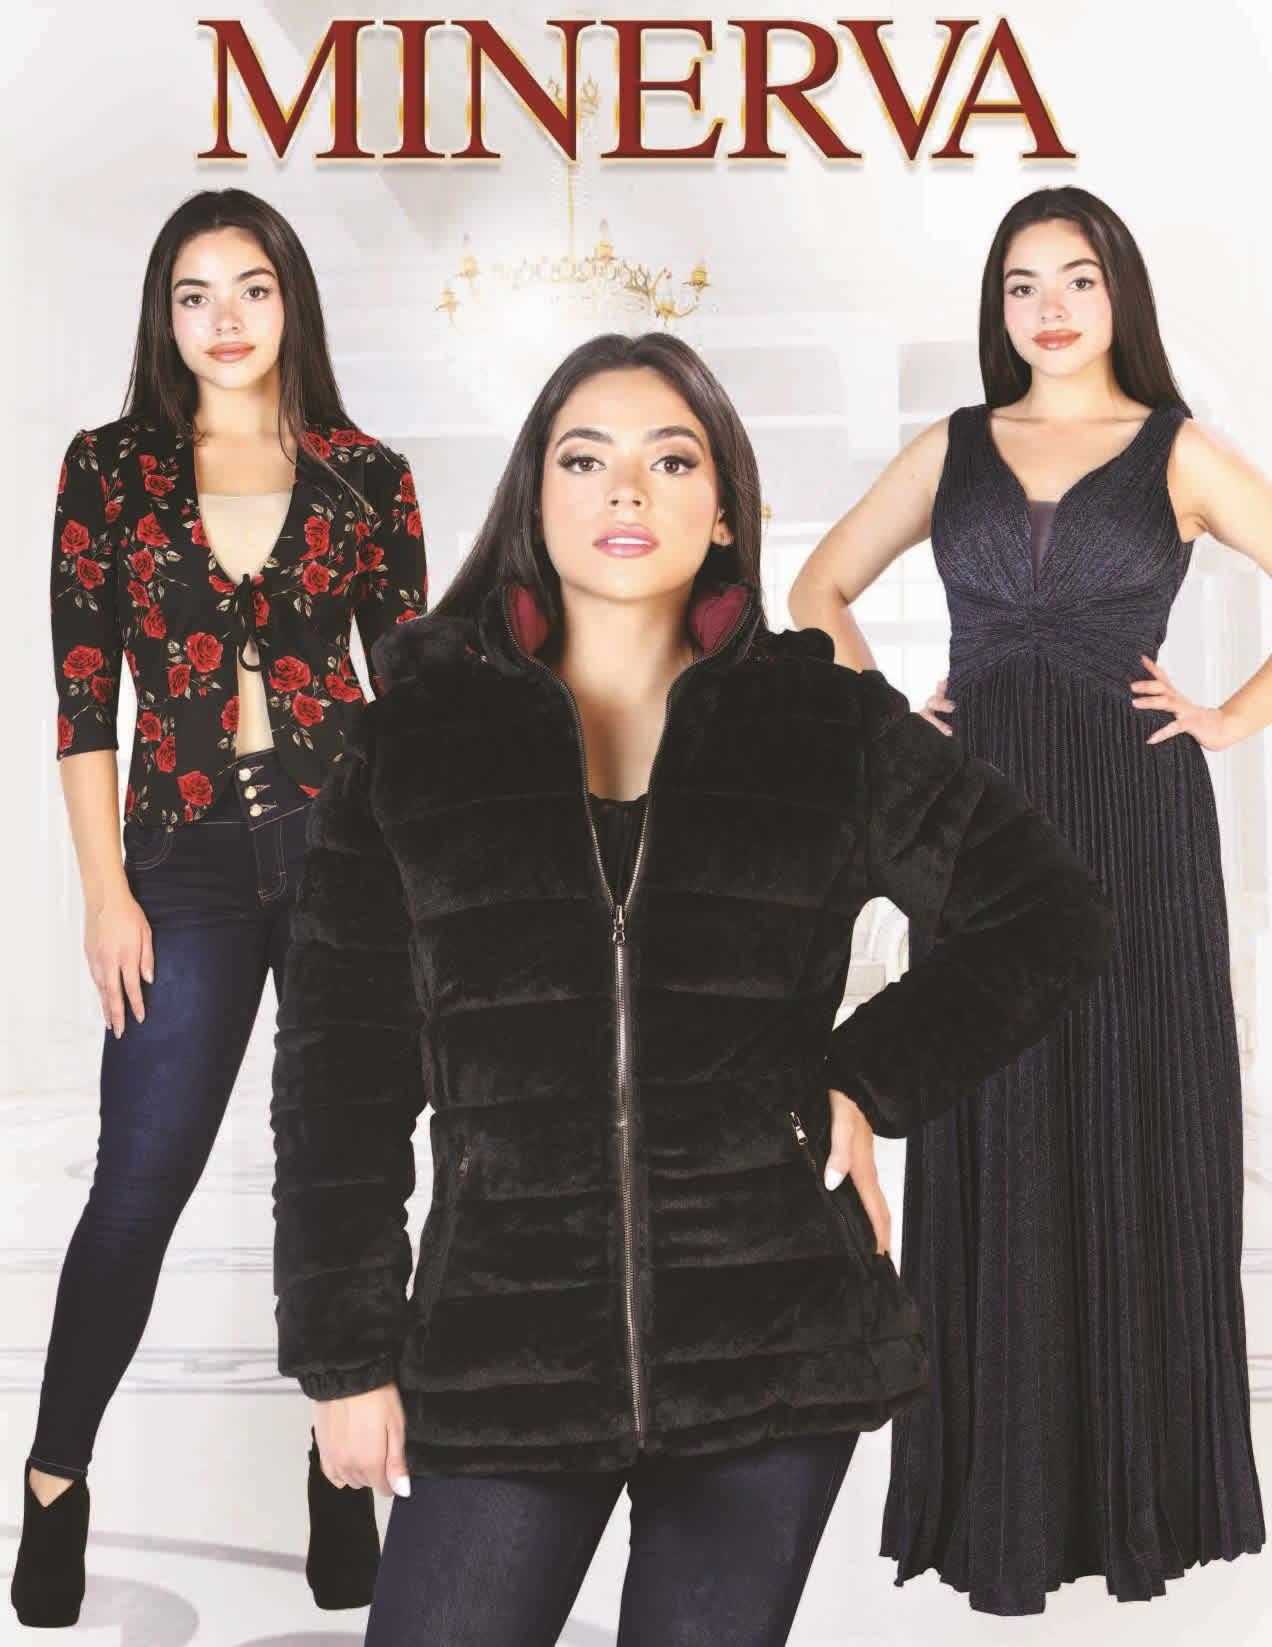 Minerva Catalogo